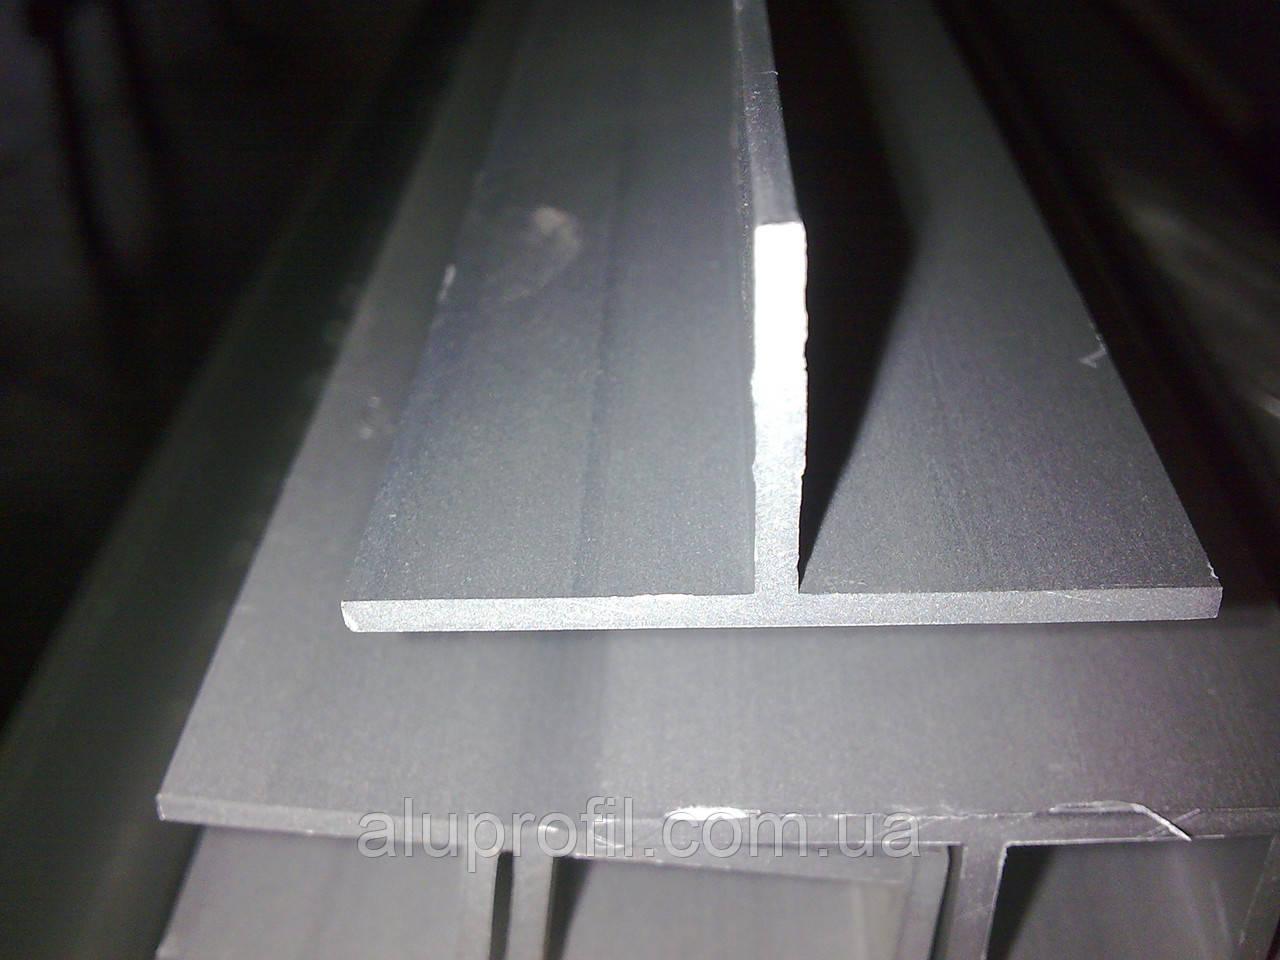 Алюминиевый профиль — тавр алюминиевый 40х20х2 AS